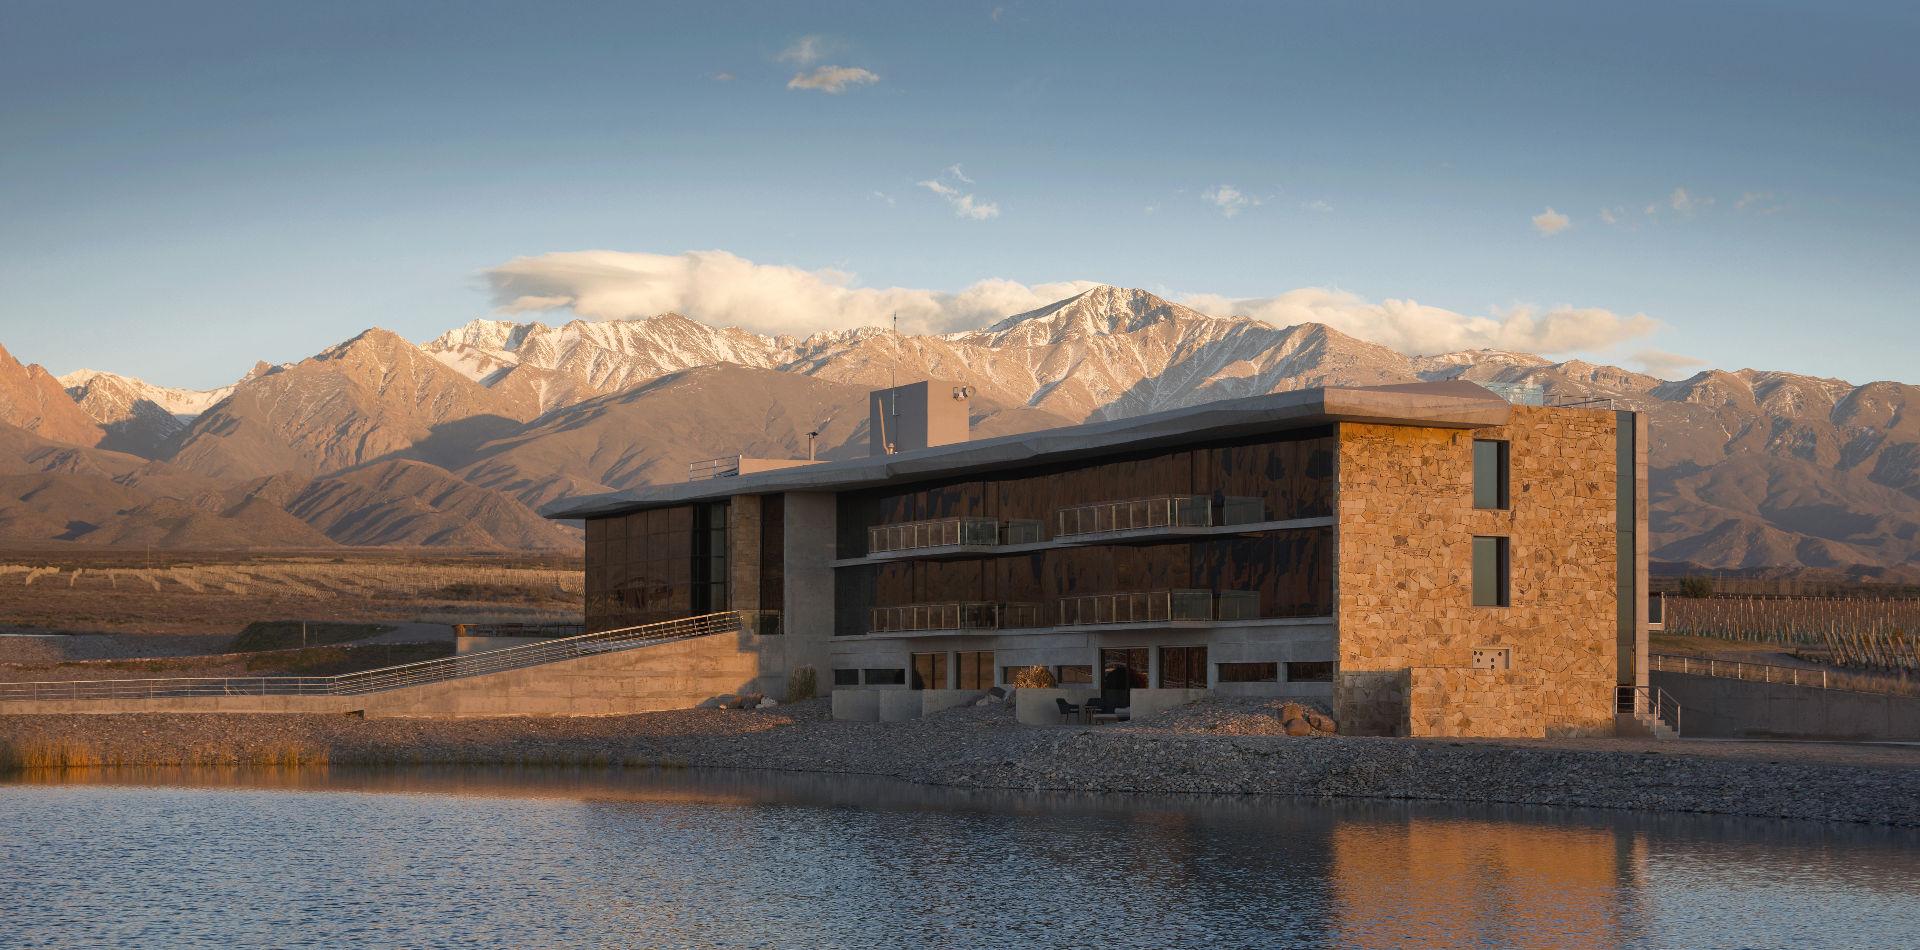 Weinhotel Casa de Uco Argentinien, Luxushotel Mendoza Argentinien, Erlebnisreise Argentinien